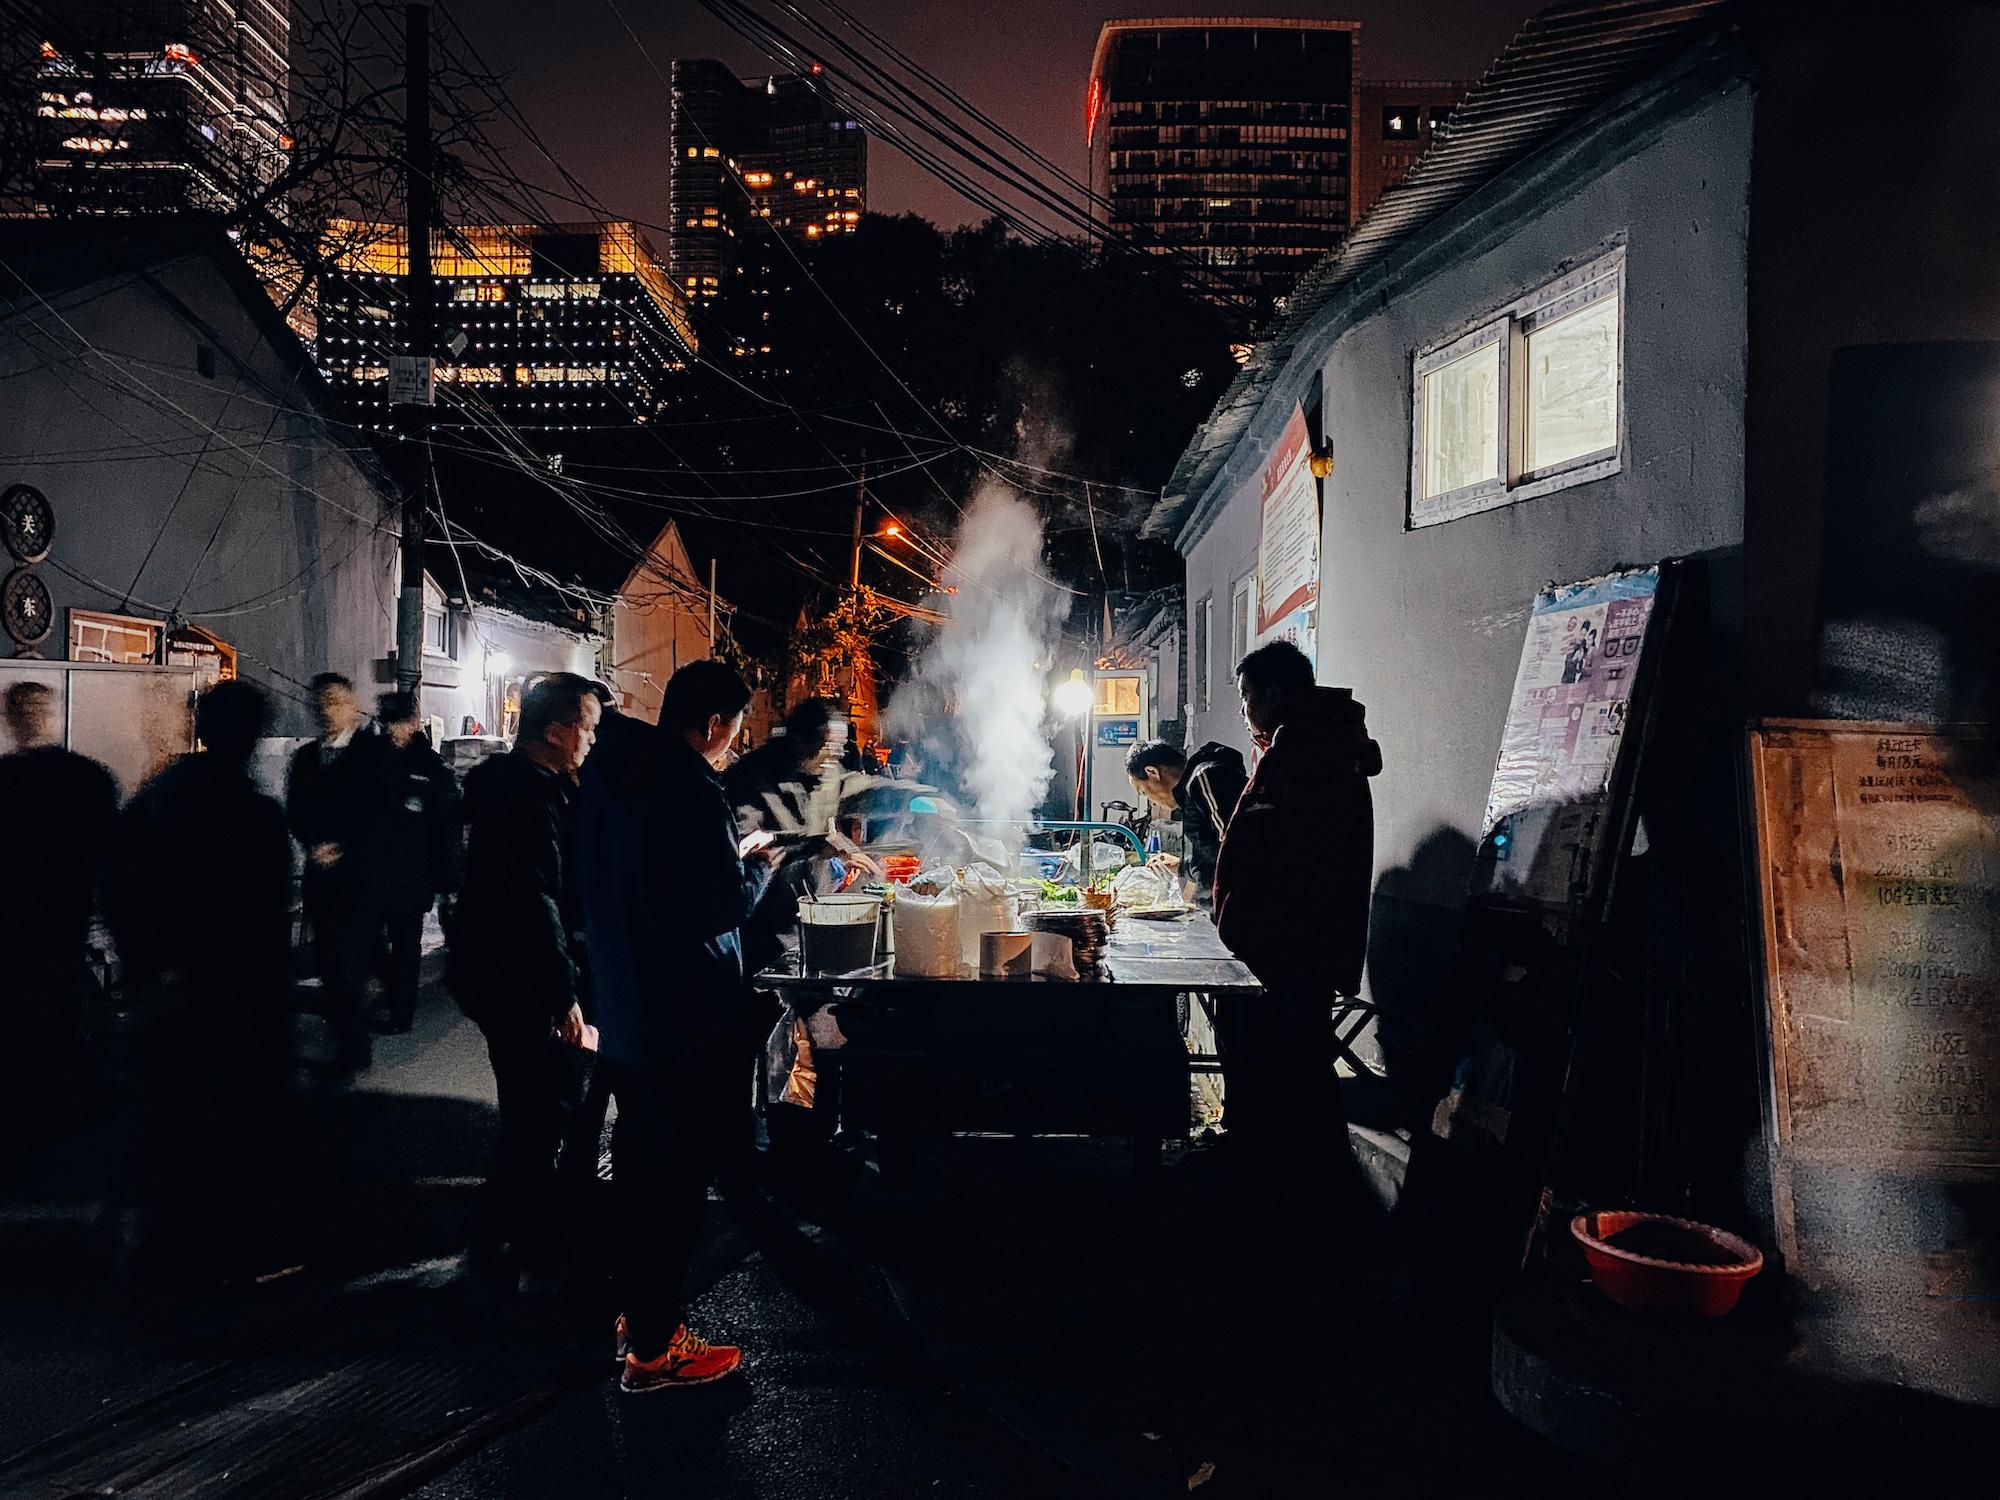 Apple 公布 iPhone「夜间模式」摄影大赛获奖作品